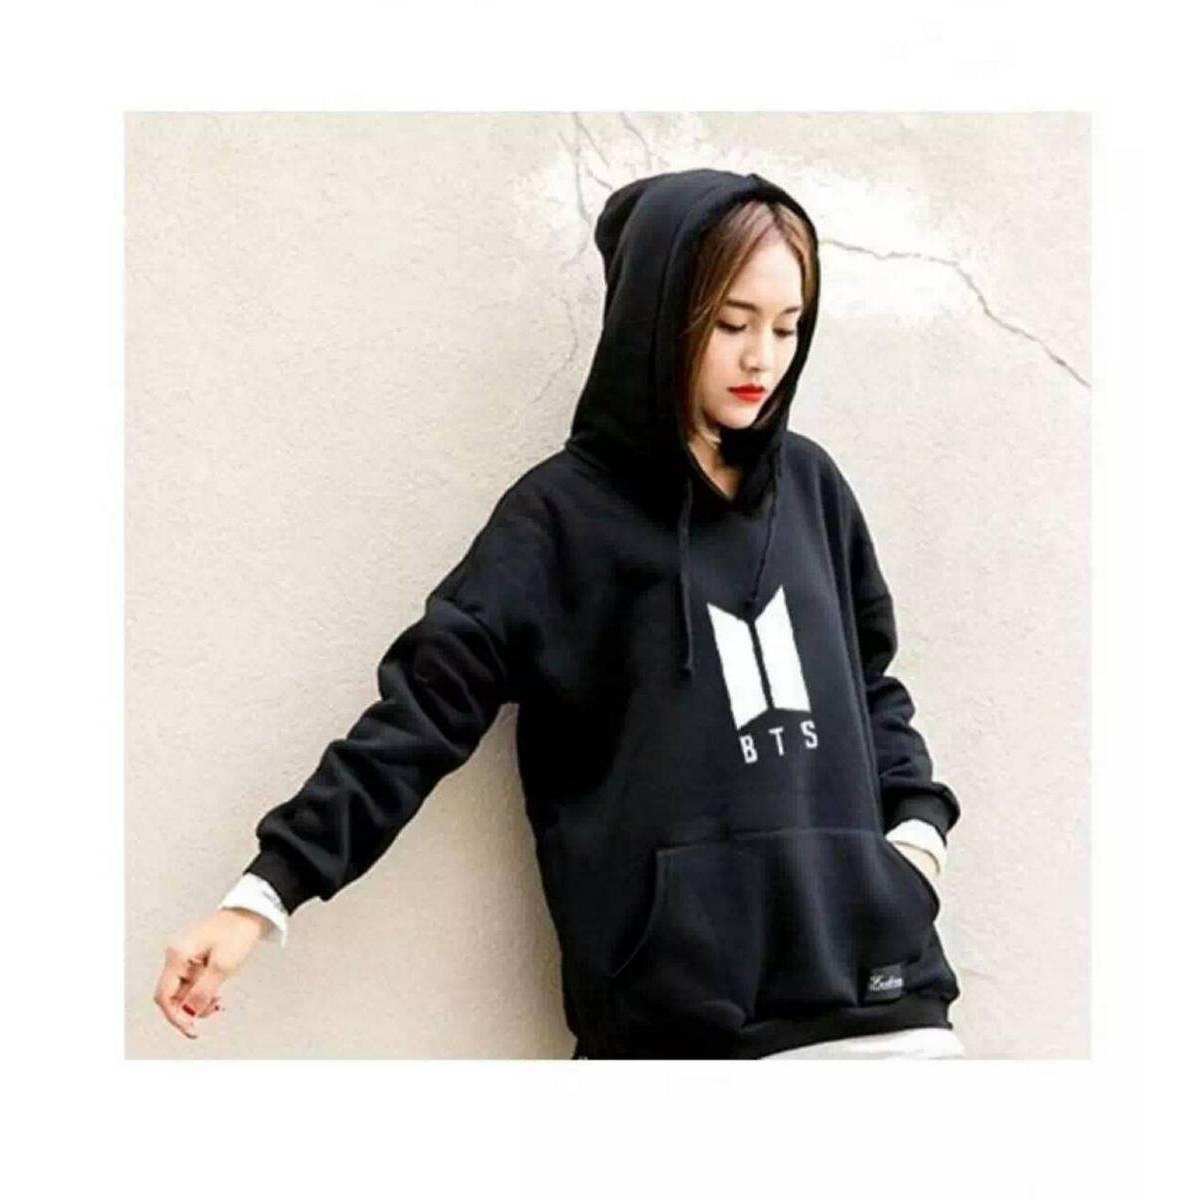 Black BTS Printed Kangroo Hoodie For Girls & Women